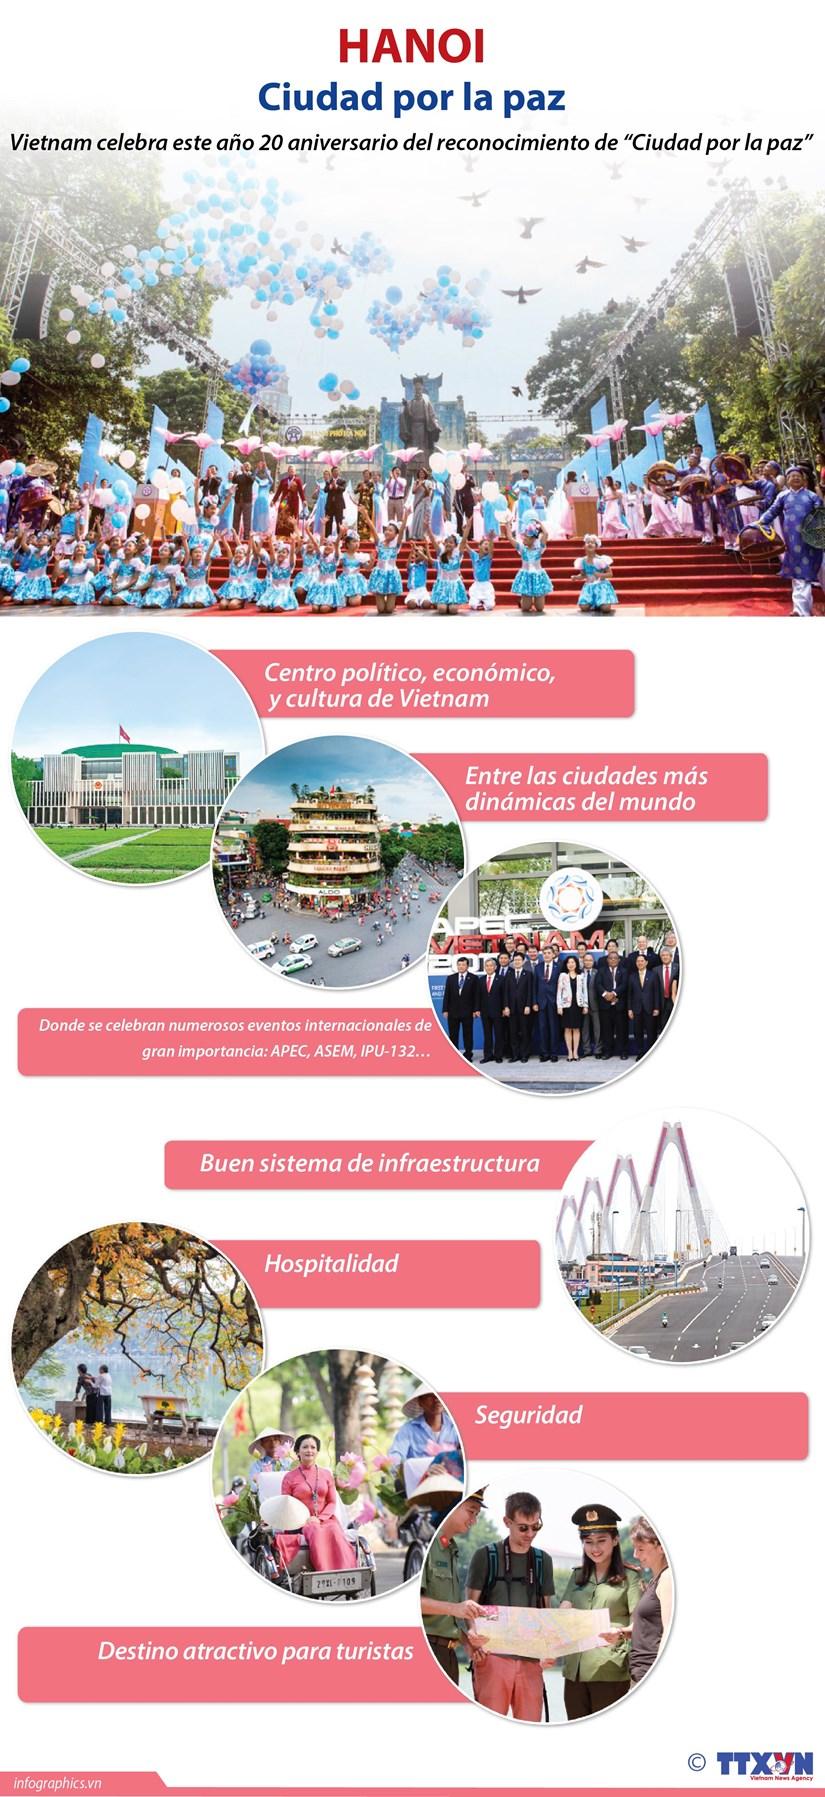 [Info] Hanoi honra titulo de Ciudad por la Paz con Cumbre EE.UU.-RPDC hinh anh 1